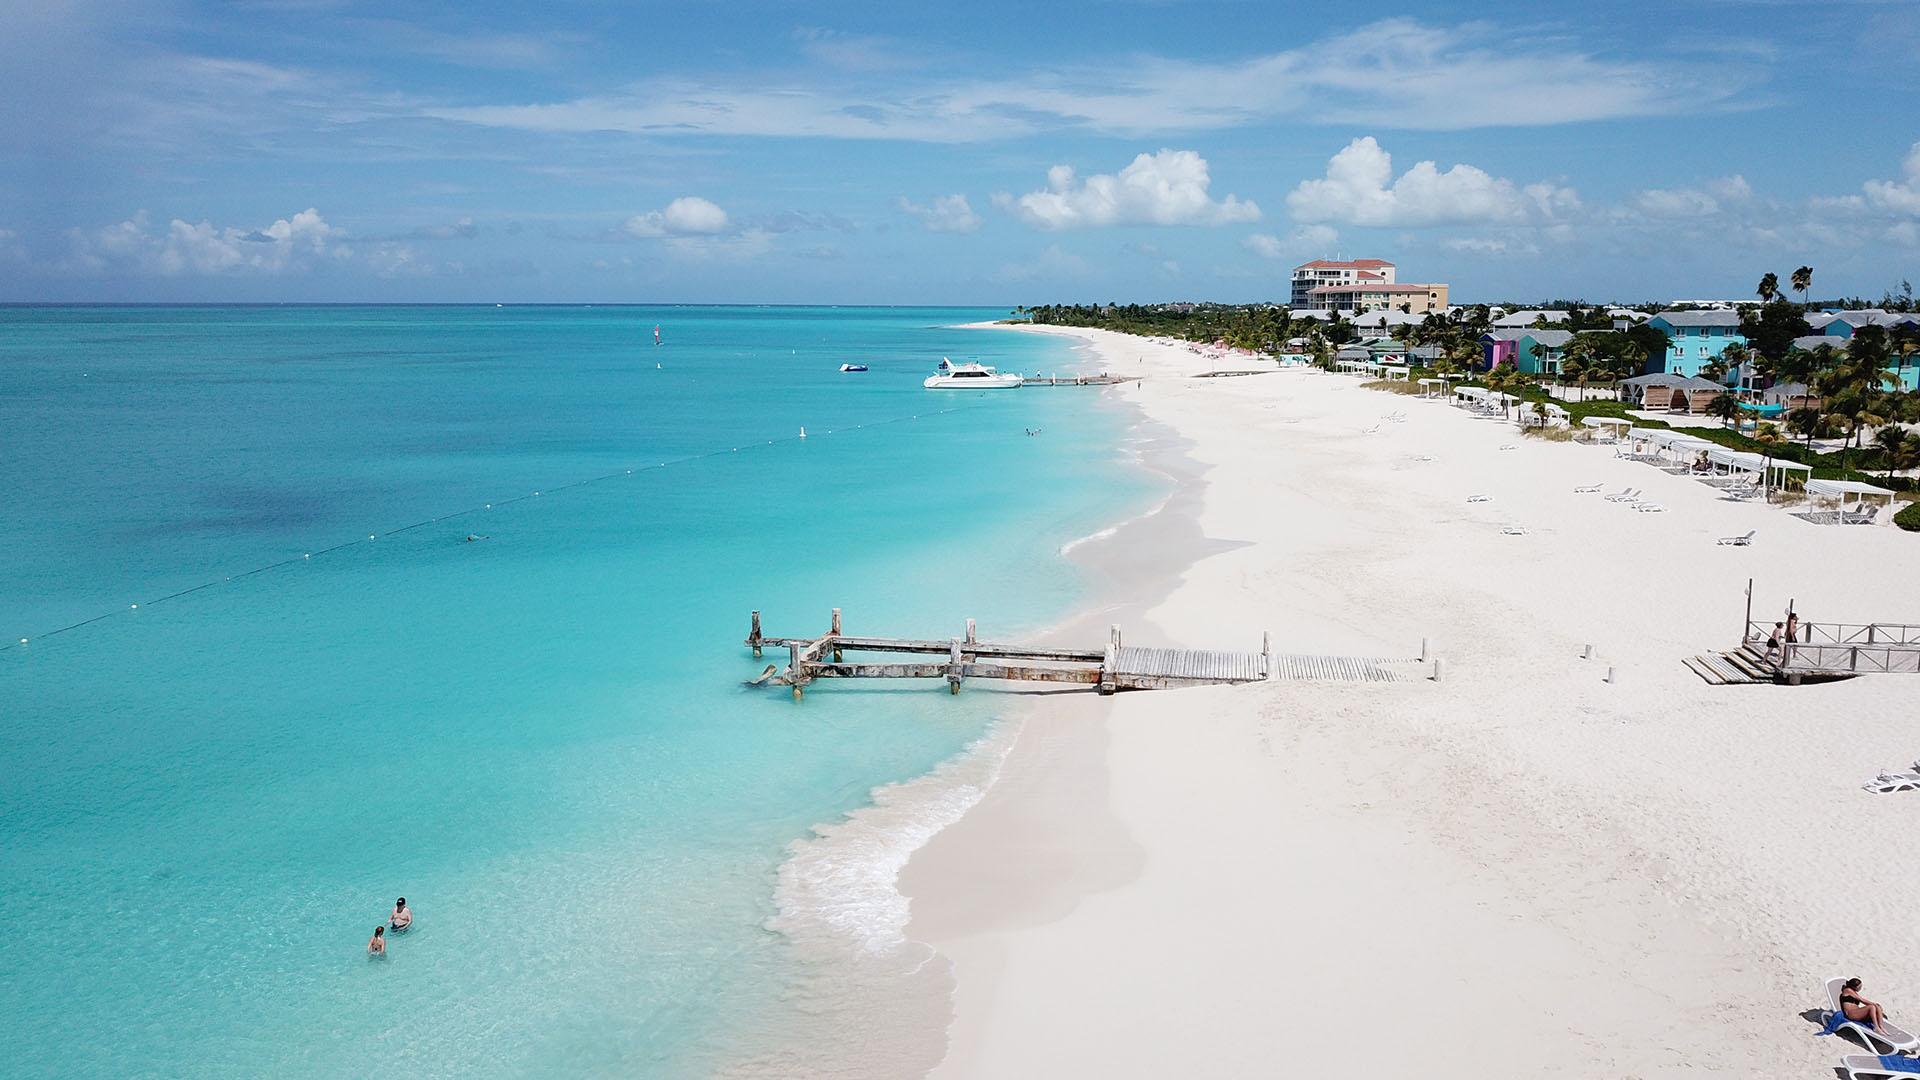 Hoteles de lujo, arenas blancas, aguas de tres colores e infinitas actividades esperan a los turistas para que pasen una estadía inolvidable